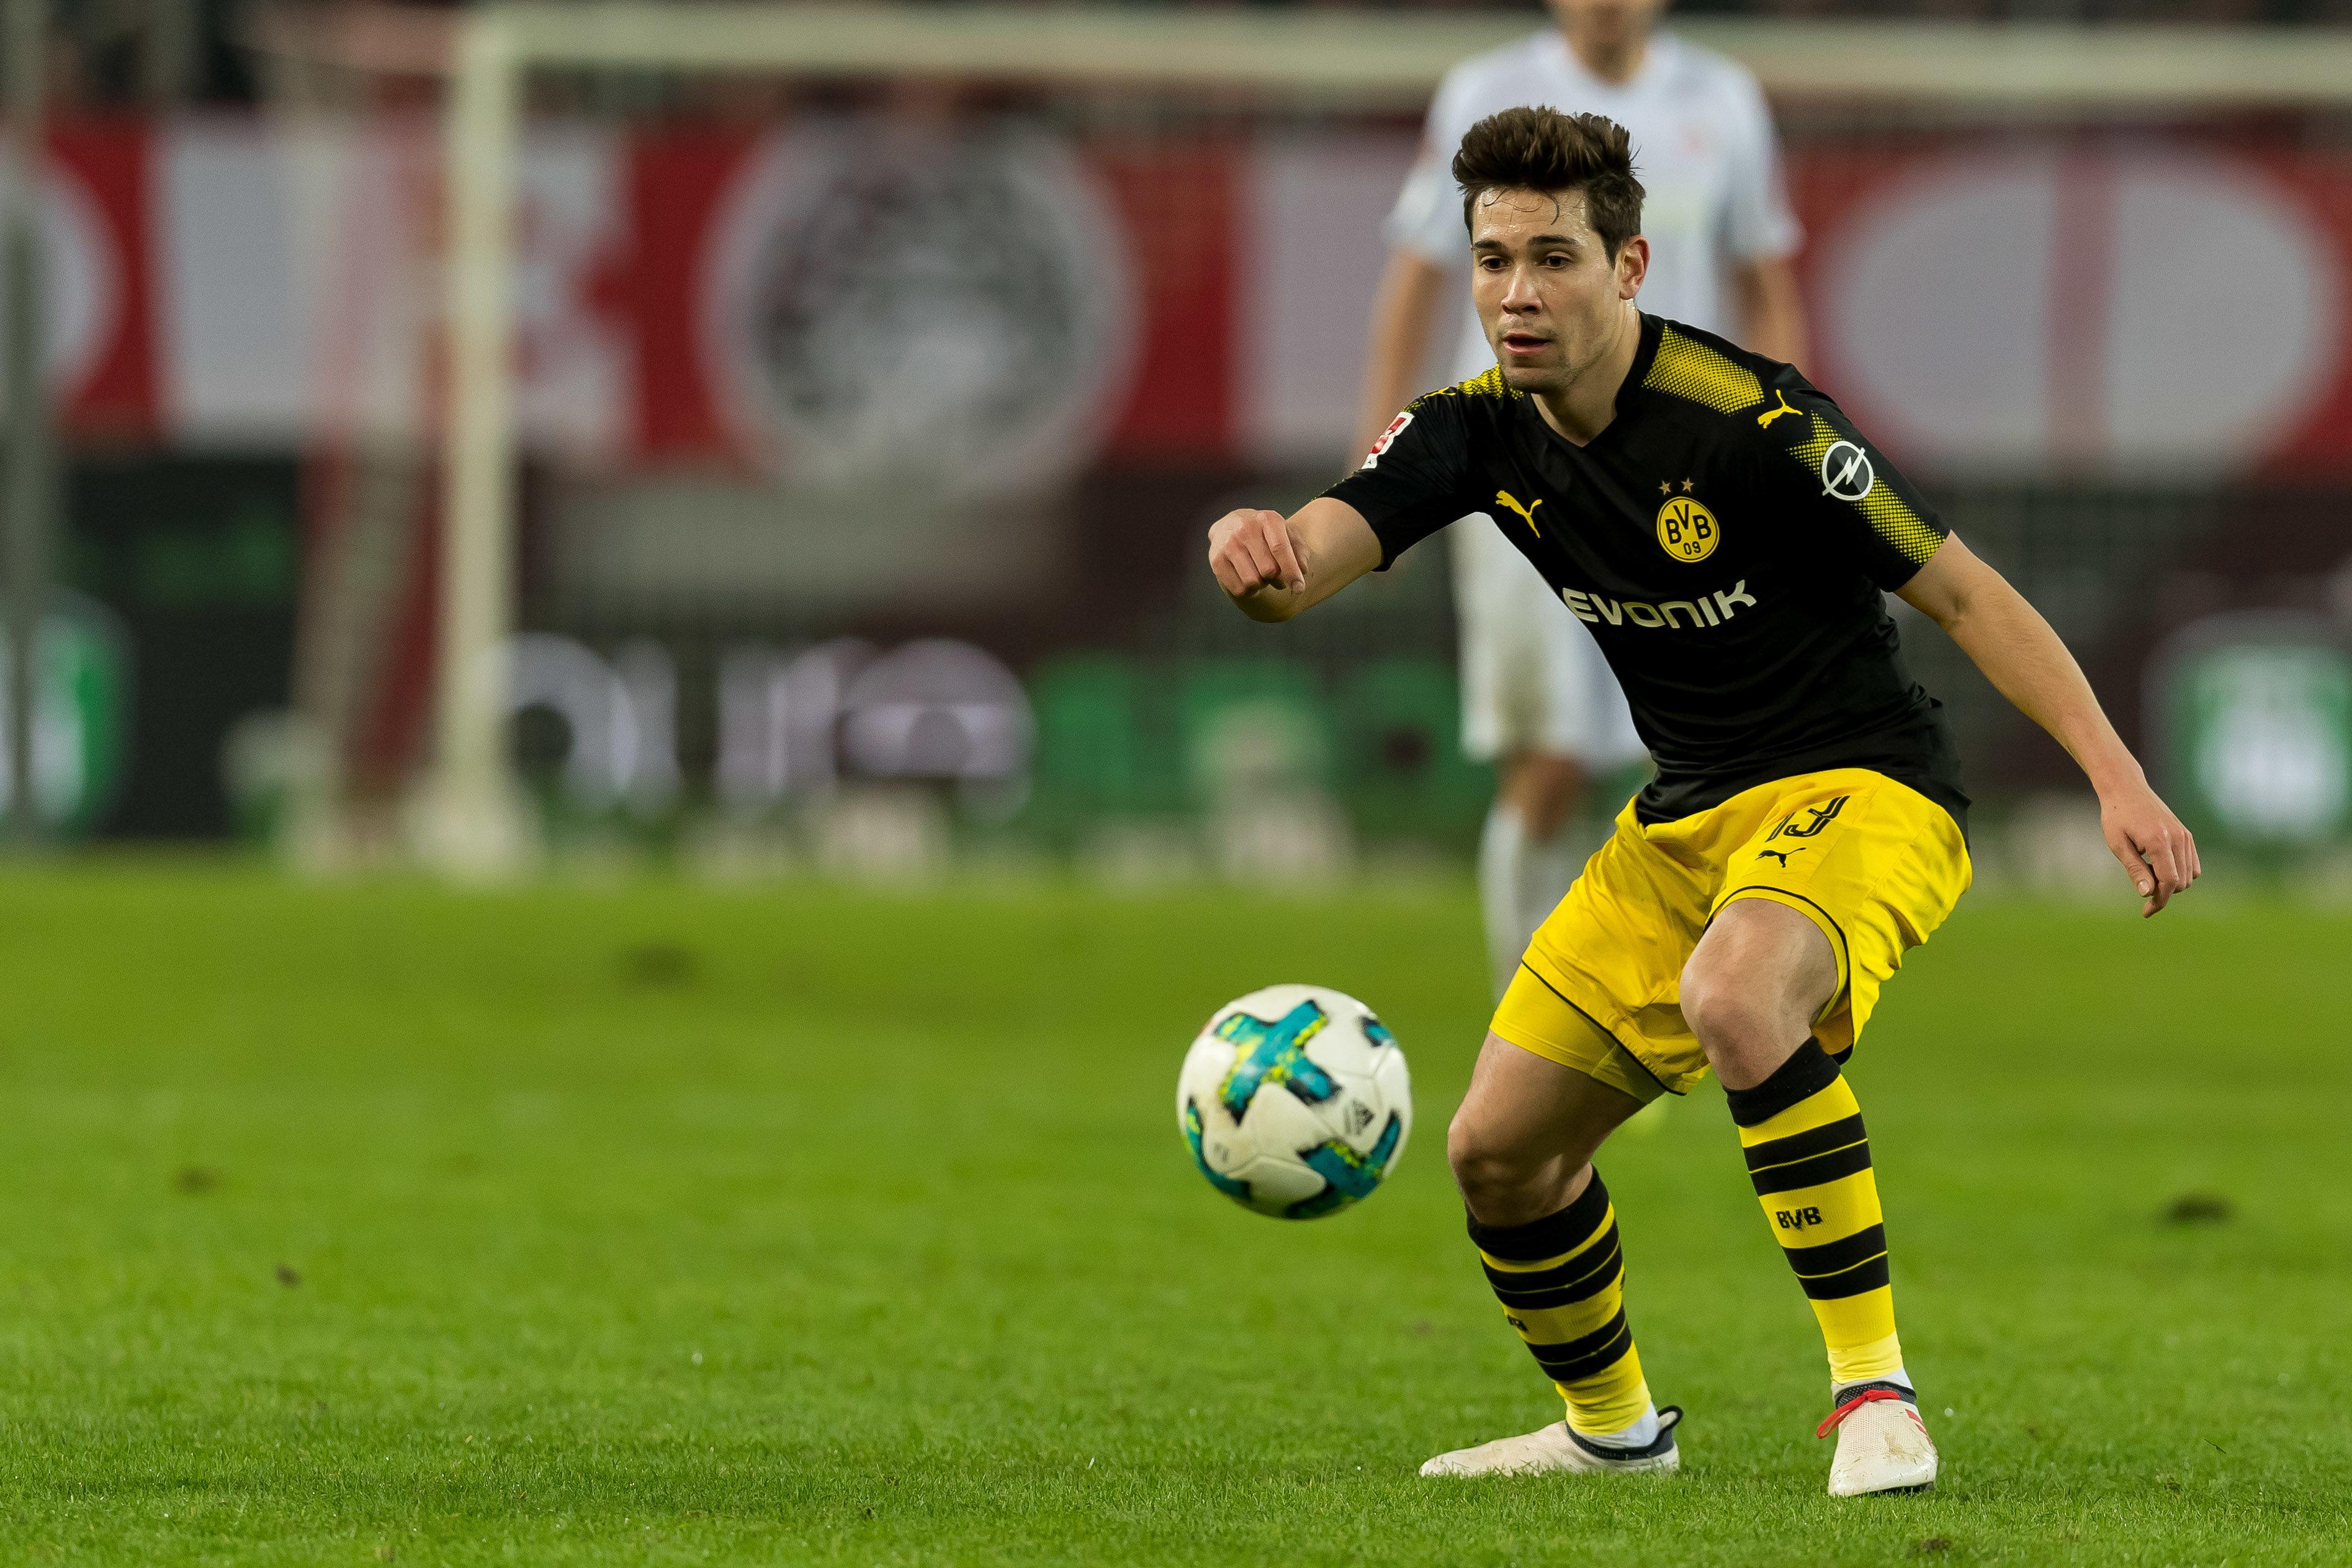 Dortmund - HSV im Live-Stream: Bundesliga online sehen, so